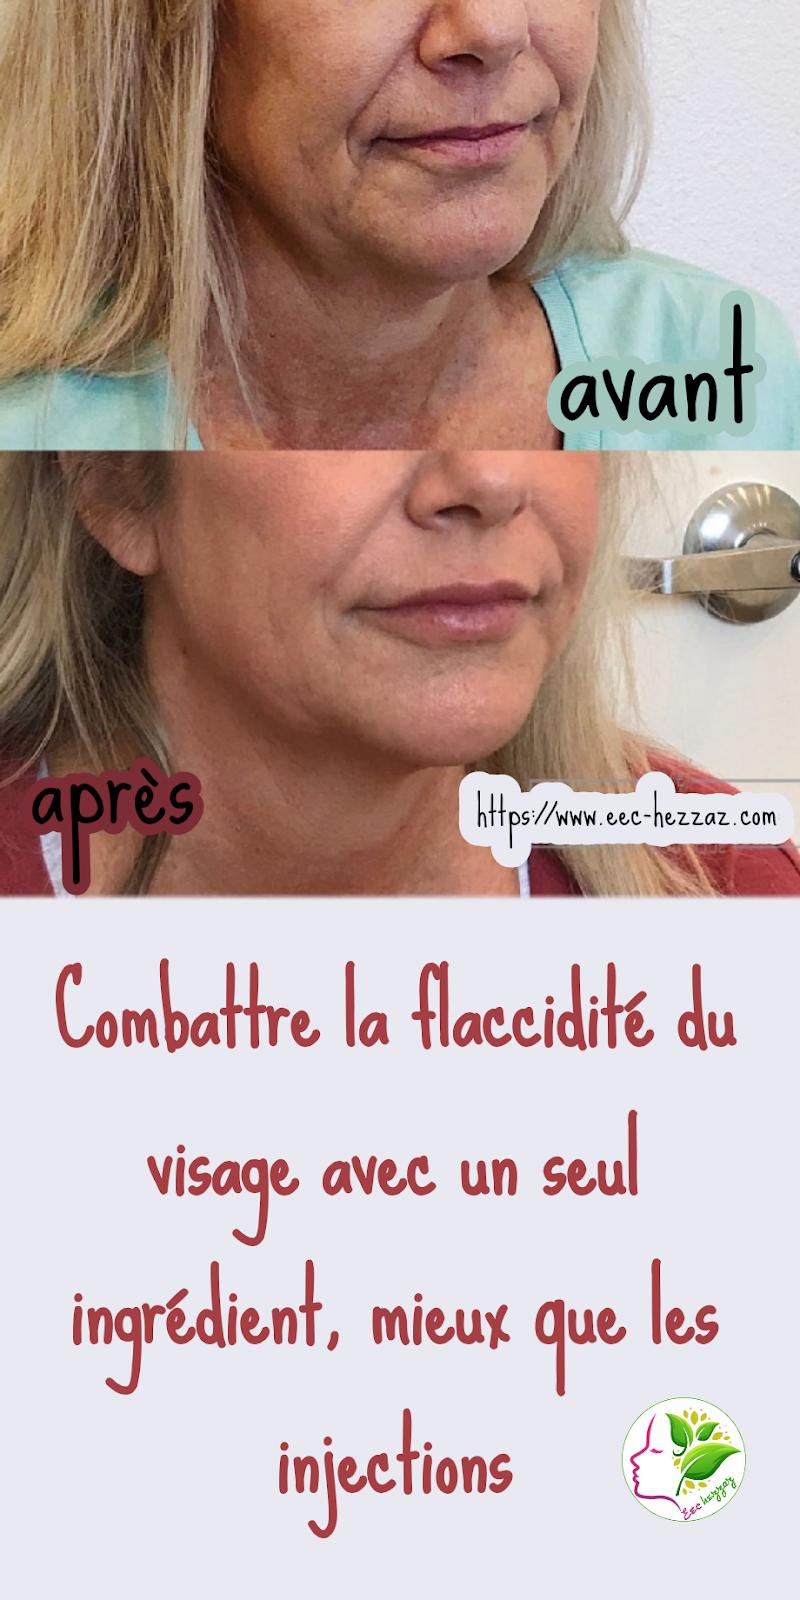 Combattre la flaccidité du visage avec un seul ingrédient, mieux que les injections